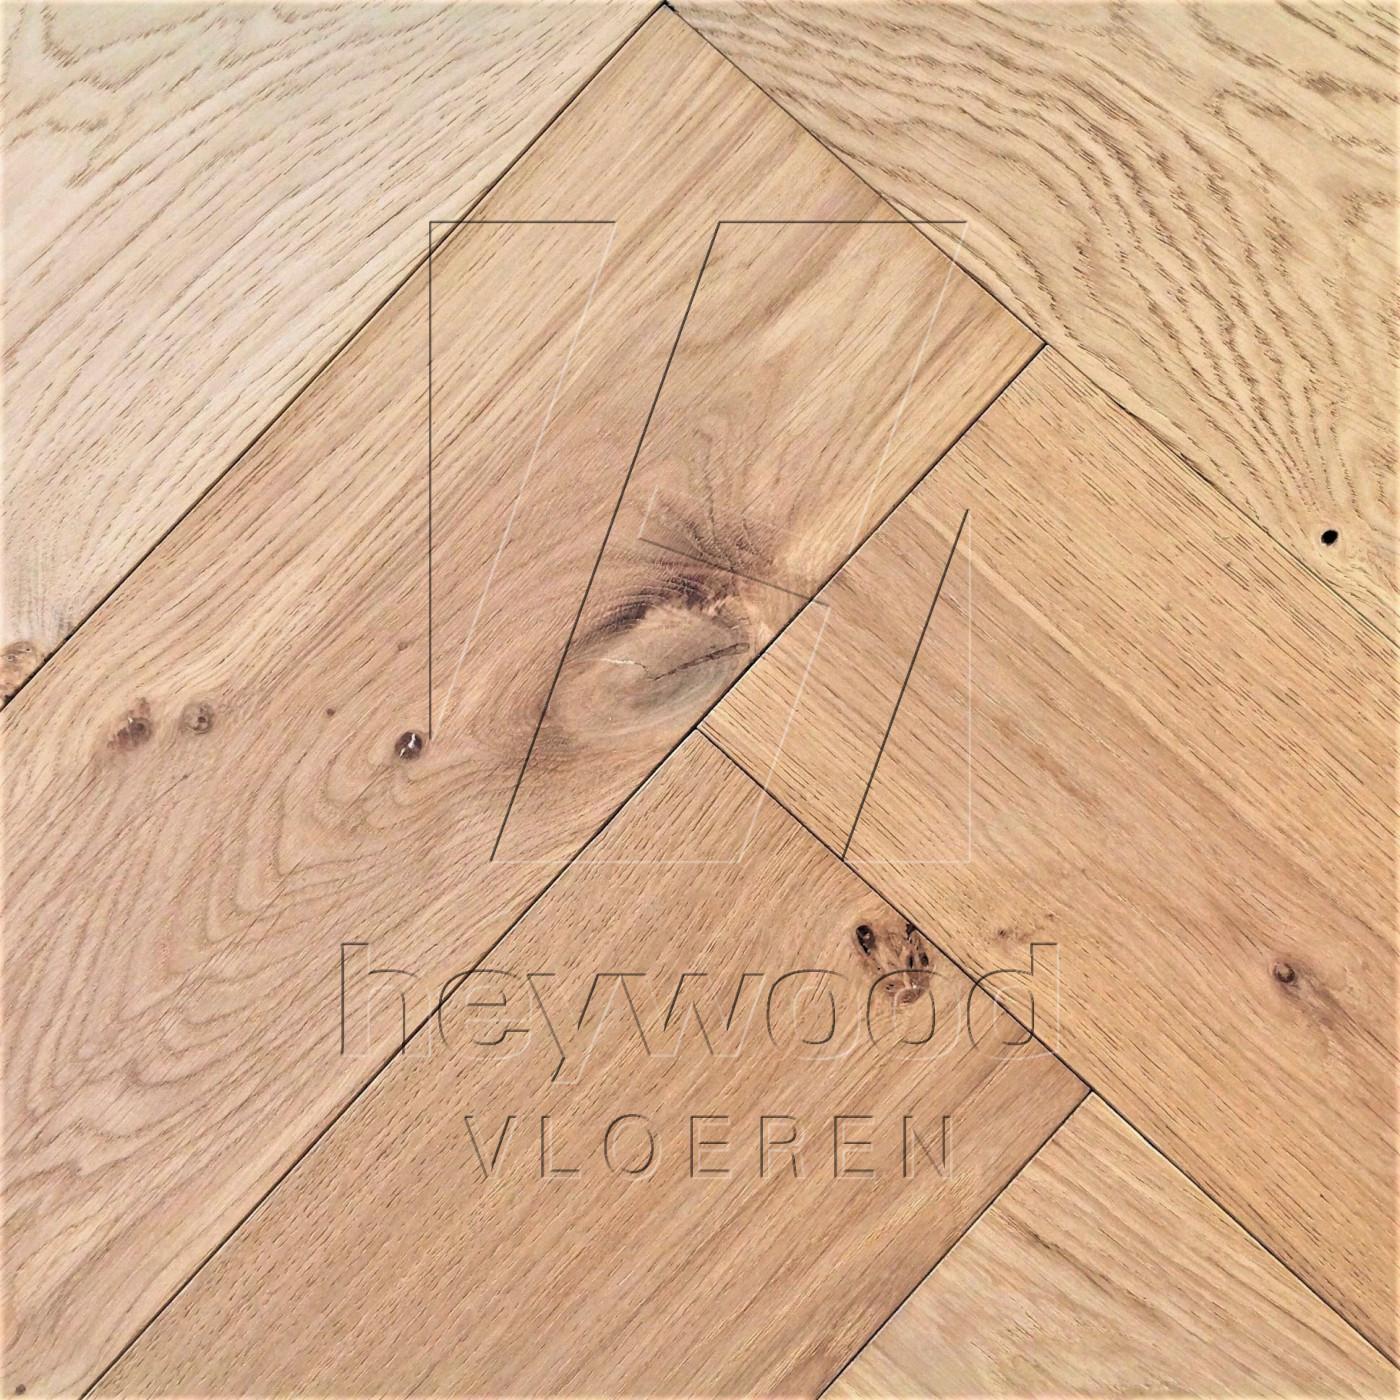 Herringbone Virgin Oiled in Herringbone of Pattern & Panel Floors